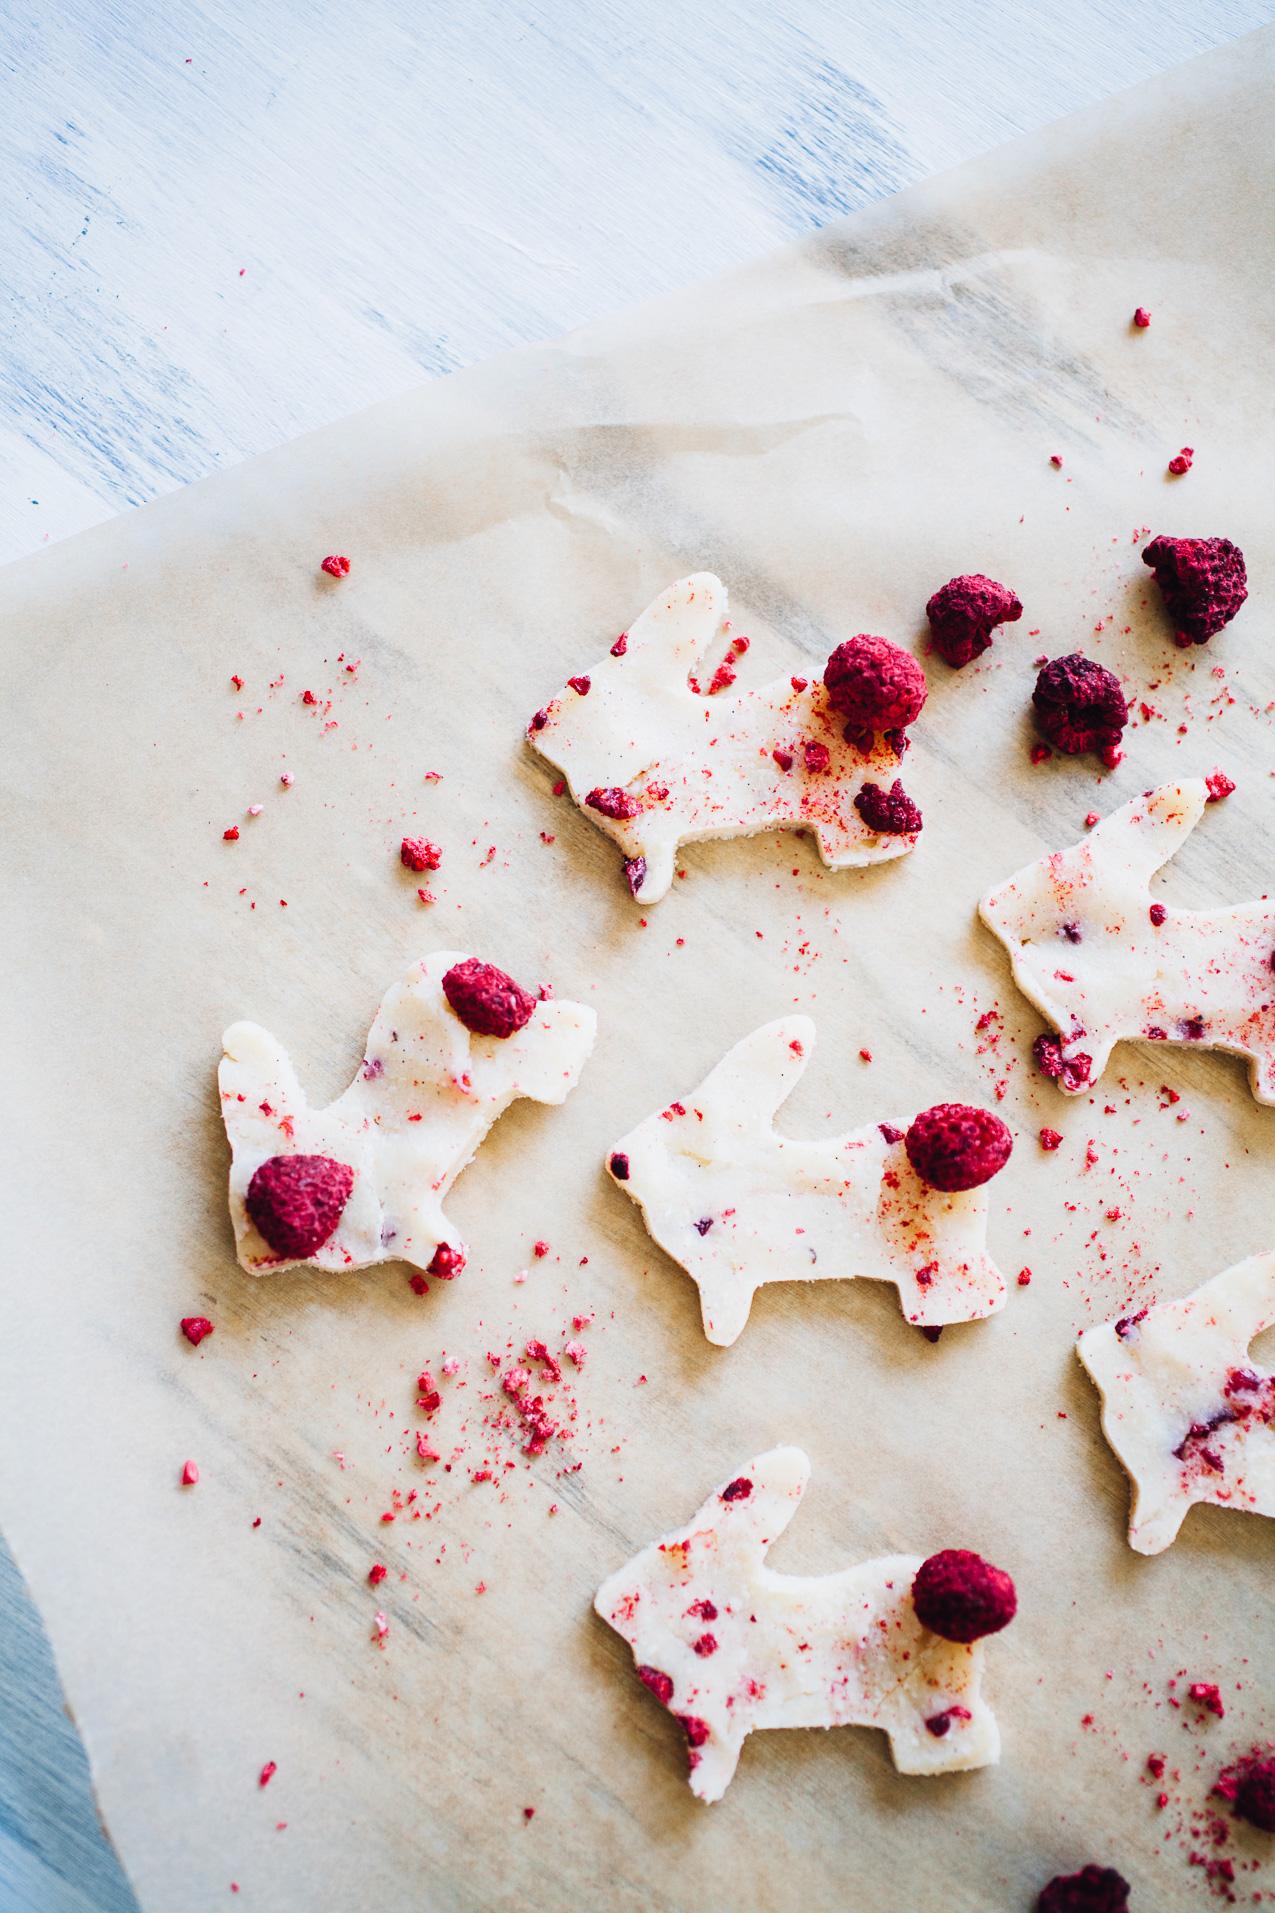 DIY Vegan White Chocolate (only 4 ingredients!) | recipe via willfrolicforfood.com